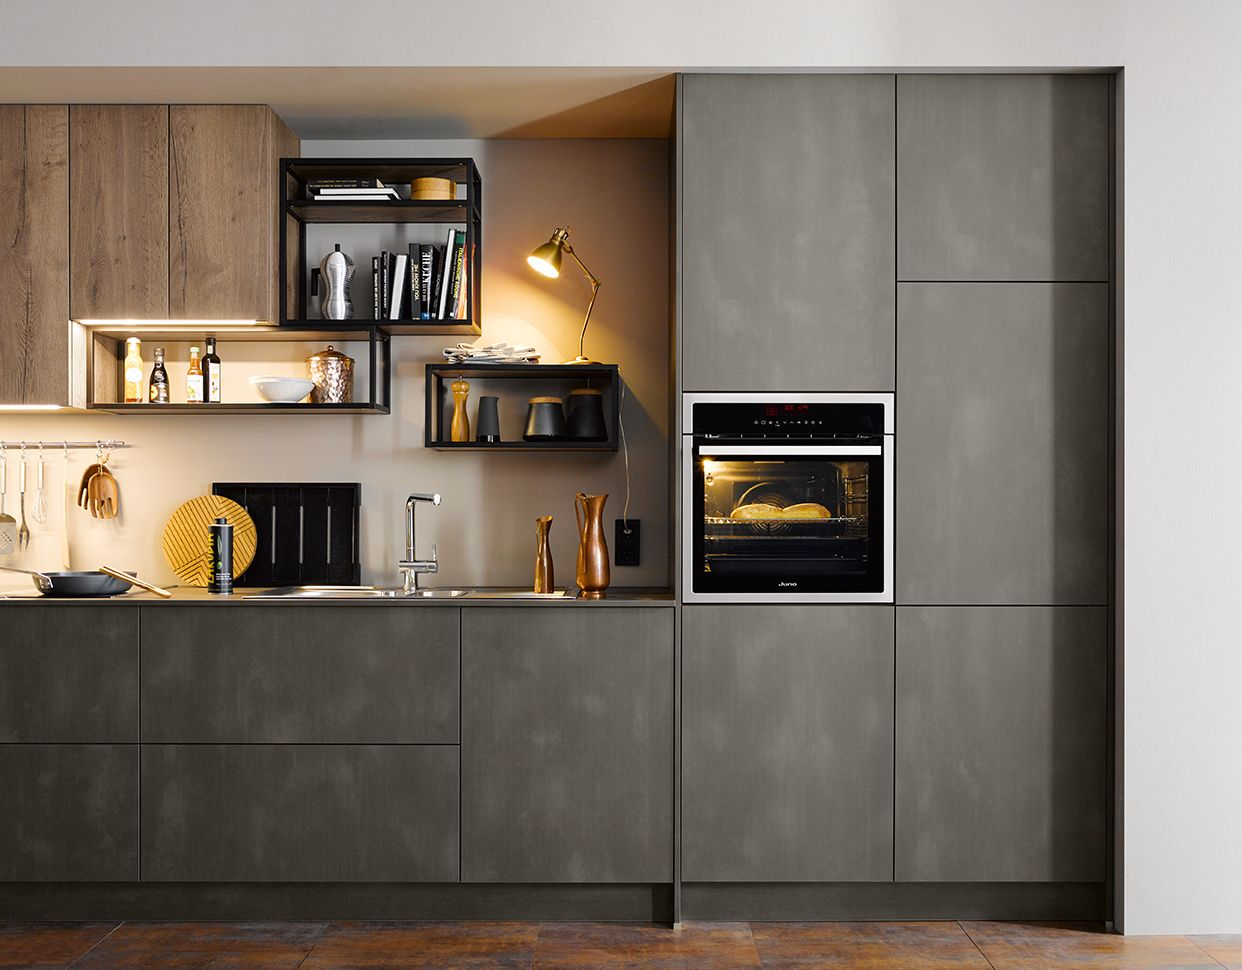 Modern Kitchen Decor Steel Dark Effect Schuller German Kitchens Germankitchens Kitc Kitchen Design Trends German Kitchen Design Modern Kitchen Design